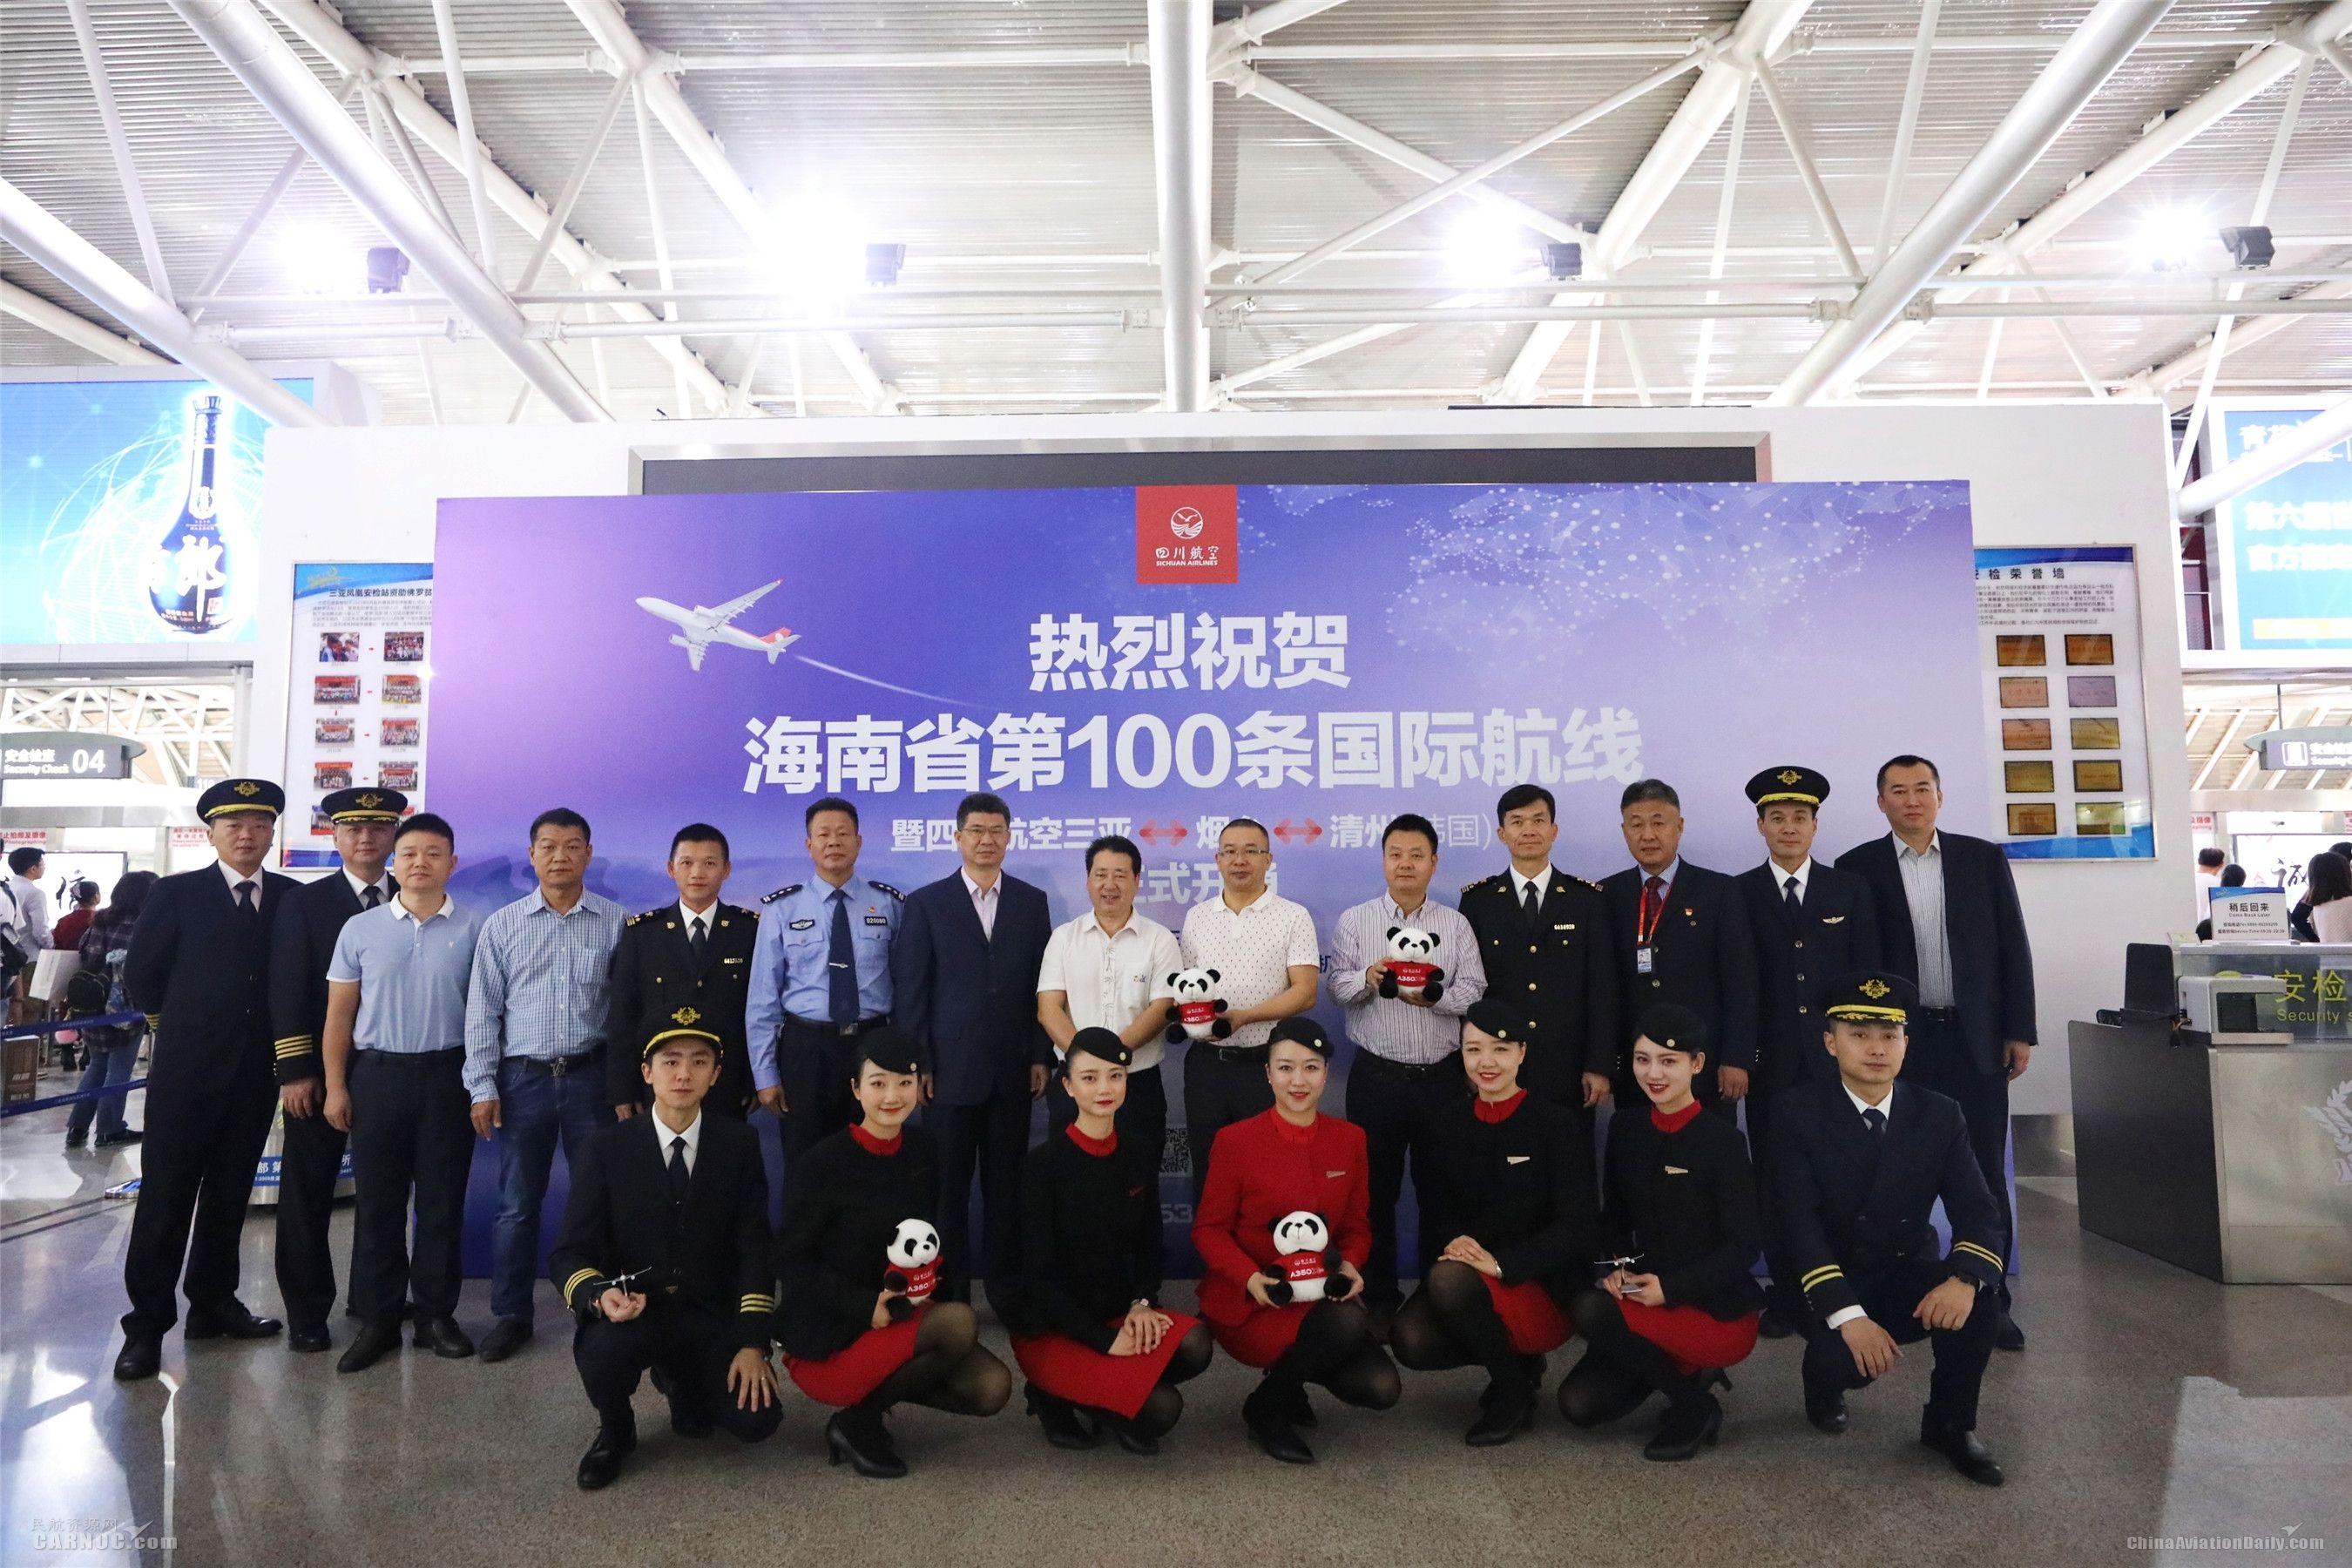 海南省2019年第100条国际航线顺利开通